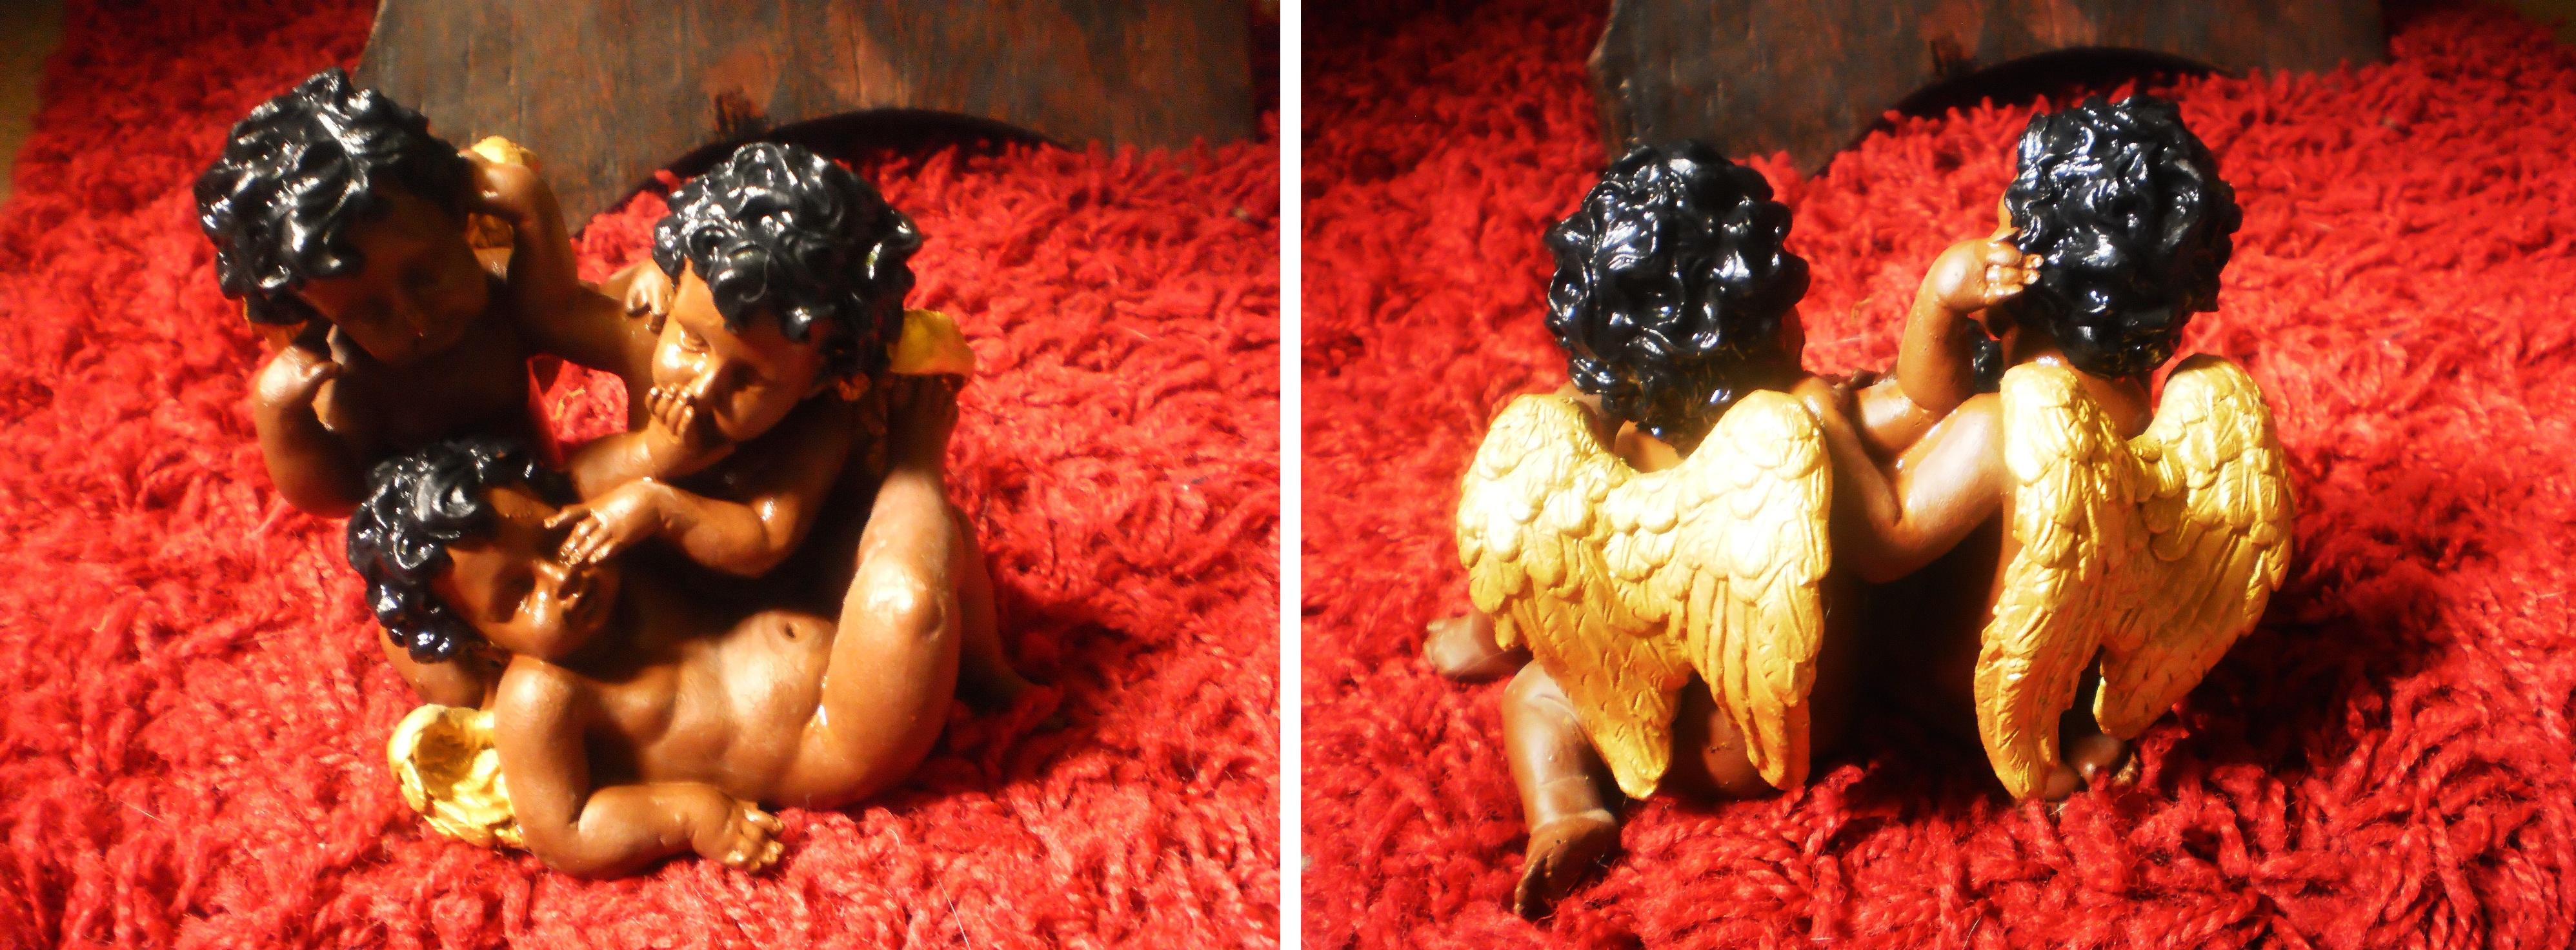 Angelots Noirs 1 - Restauration